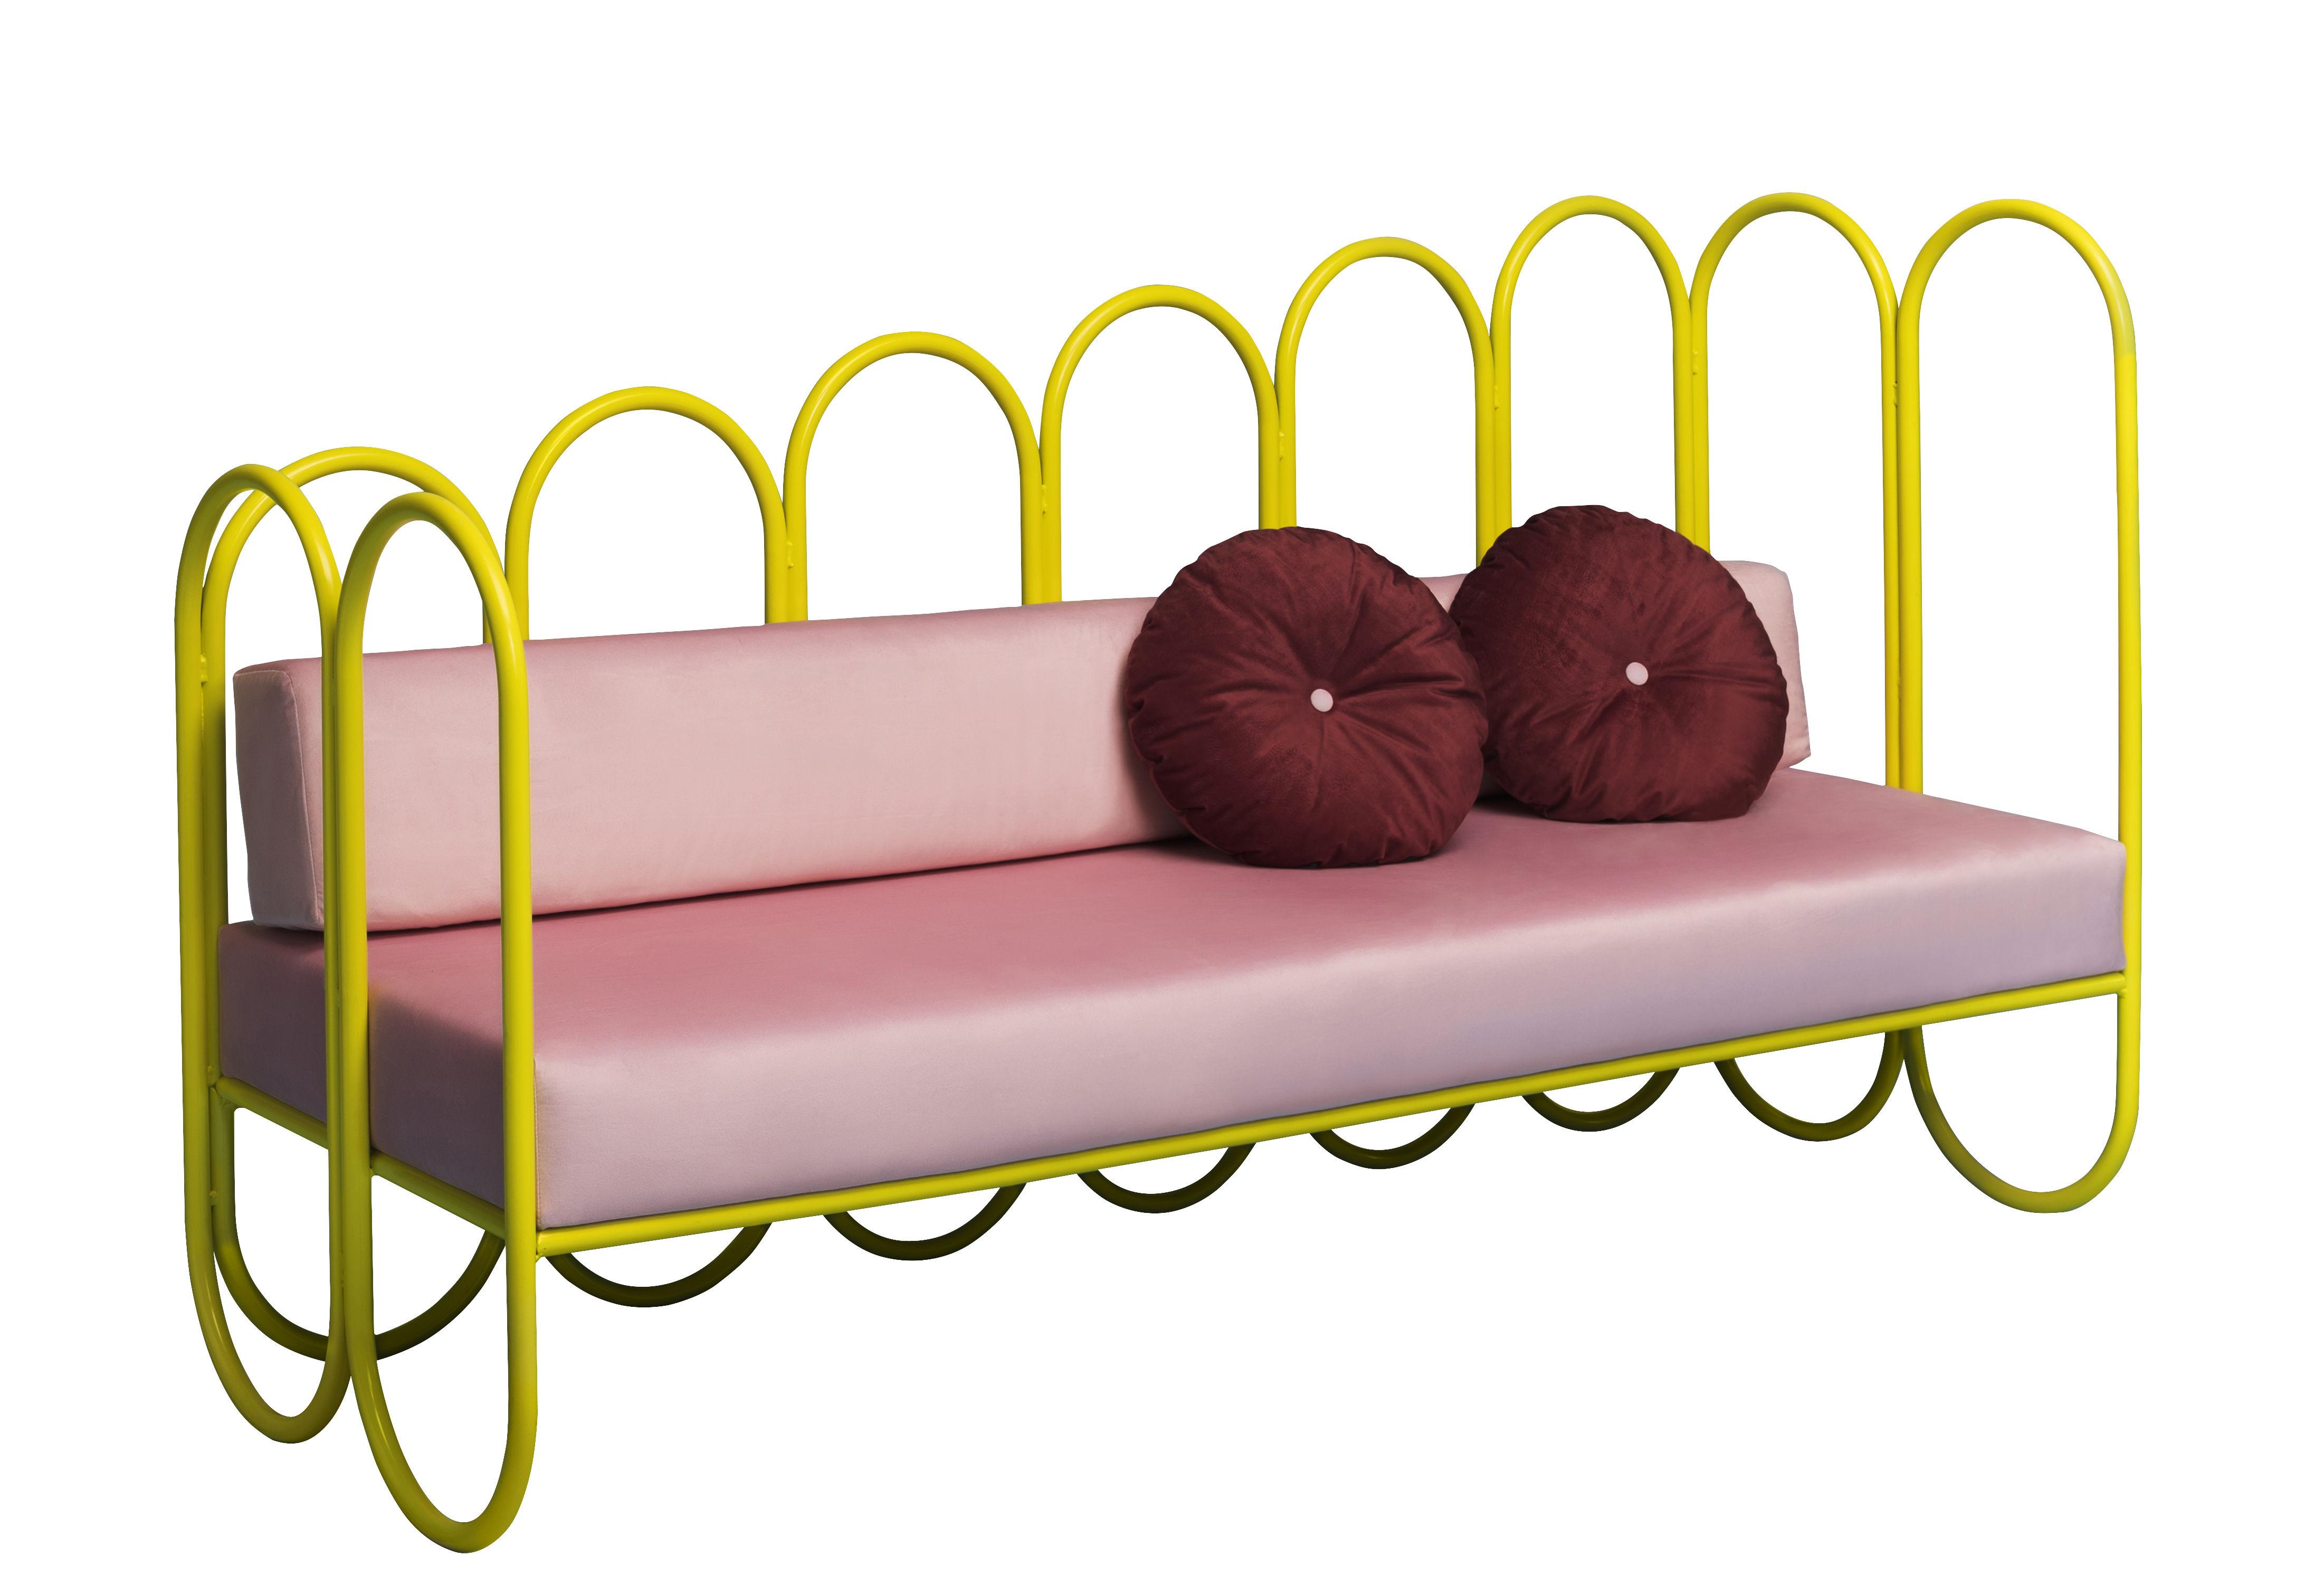 Mobilier - Canapés - Canapé droit Arco / 3 places - Velours - Houtique - Jaune / Assise rose - Acier laqué, Velours